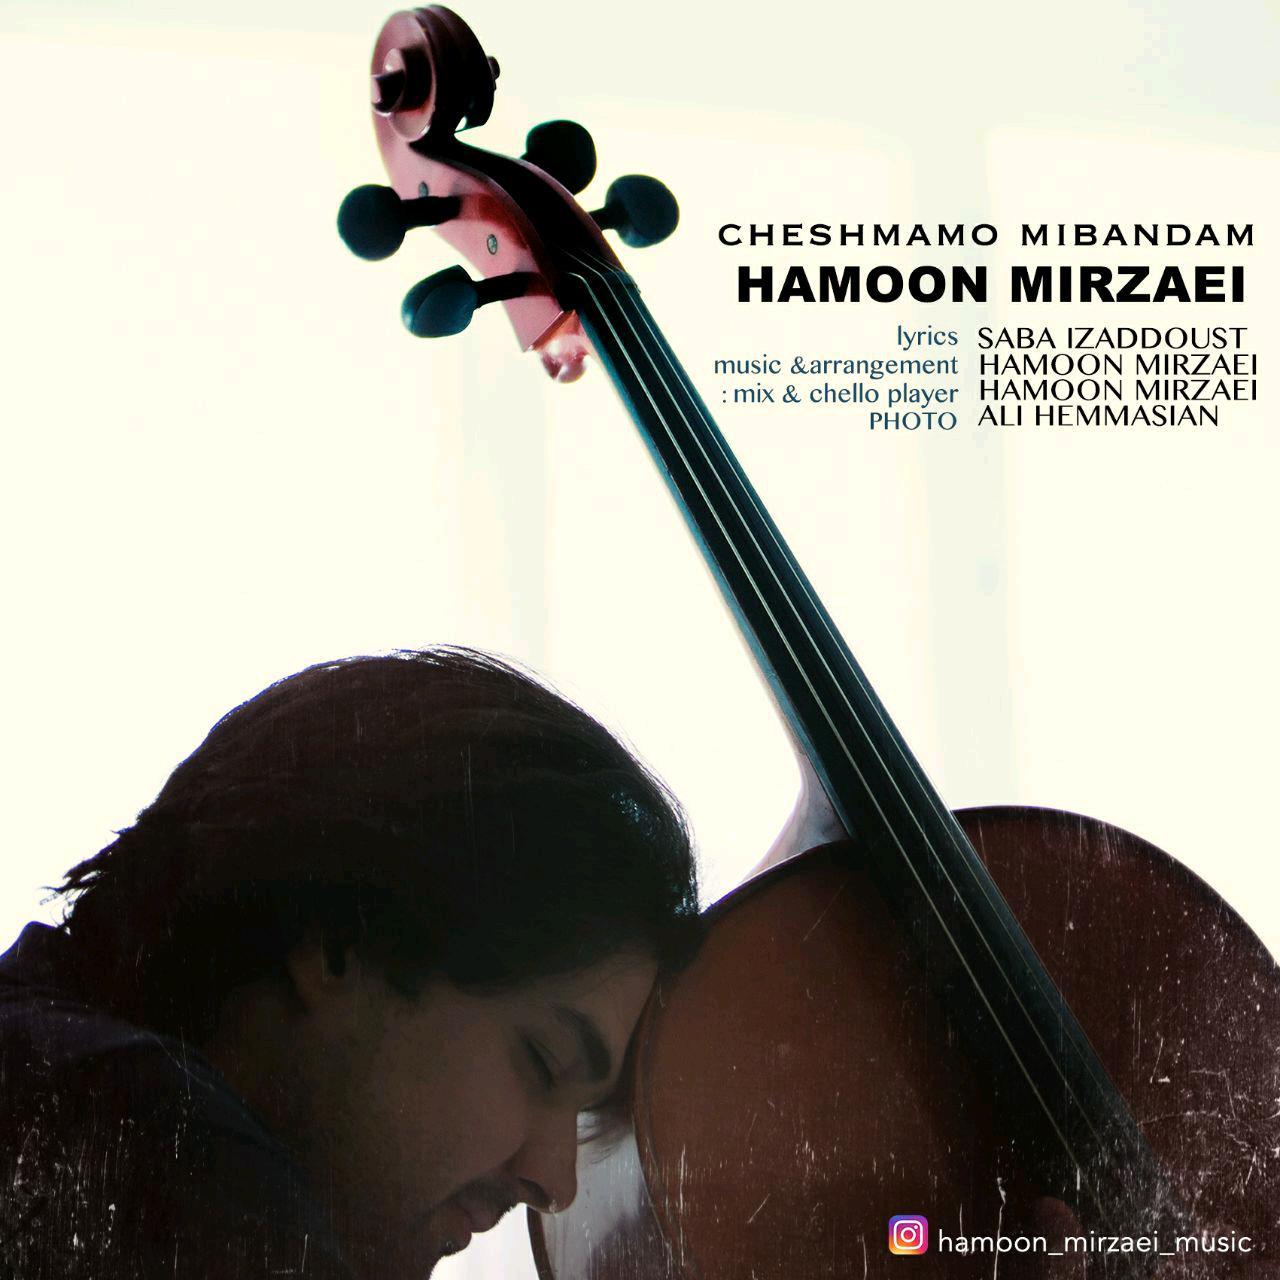 Hamoon Mirzaei – Cheshmamo Mibandam